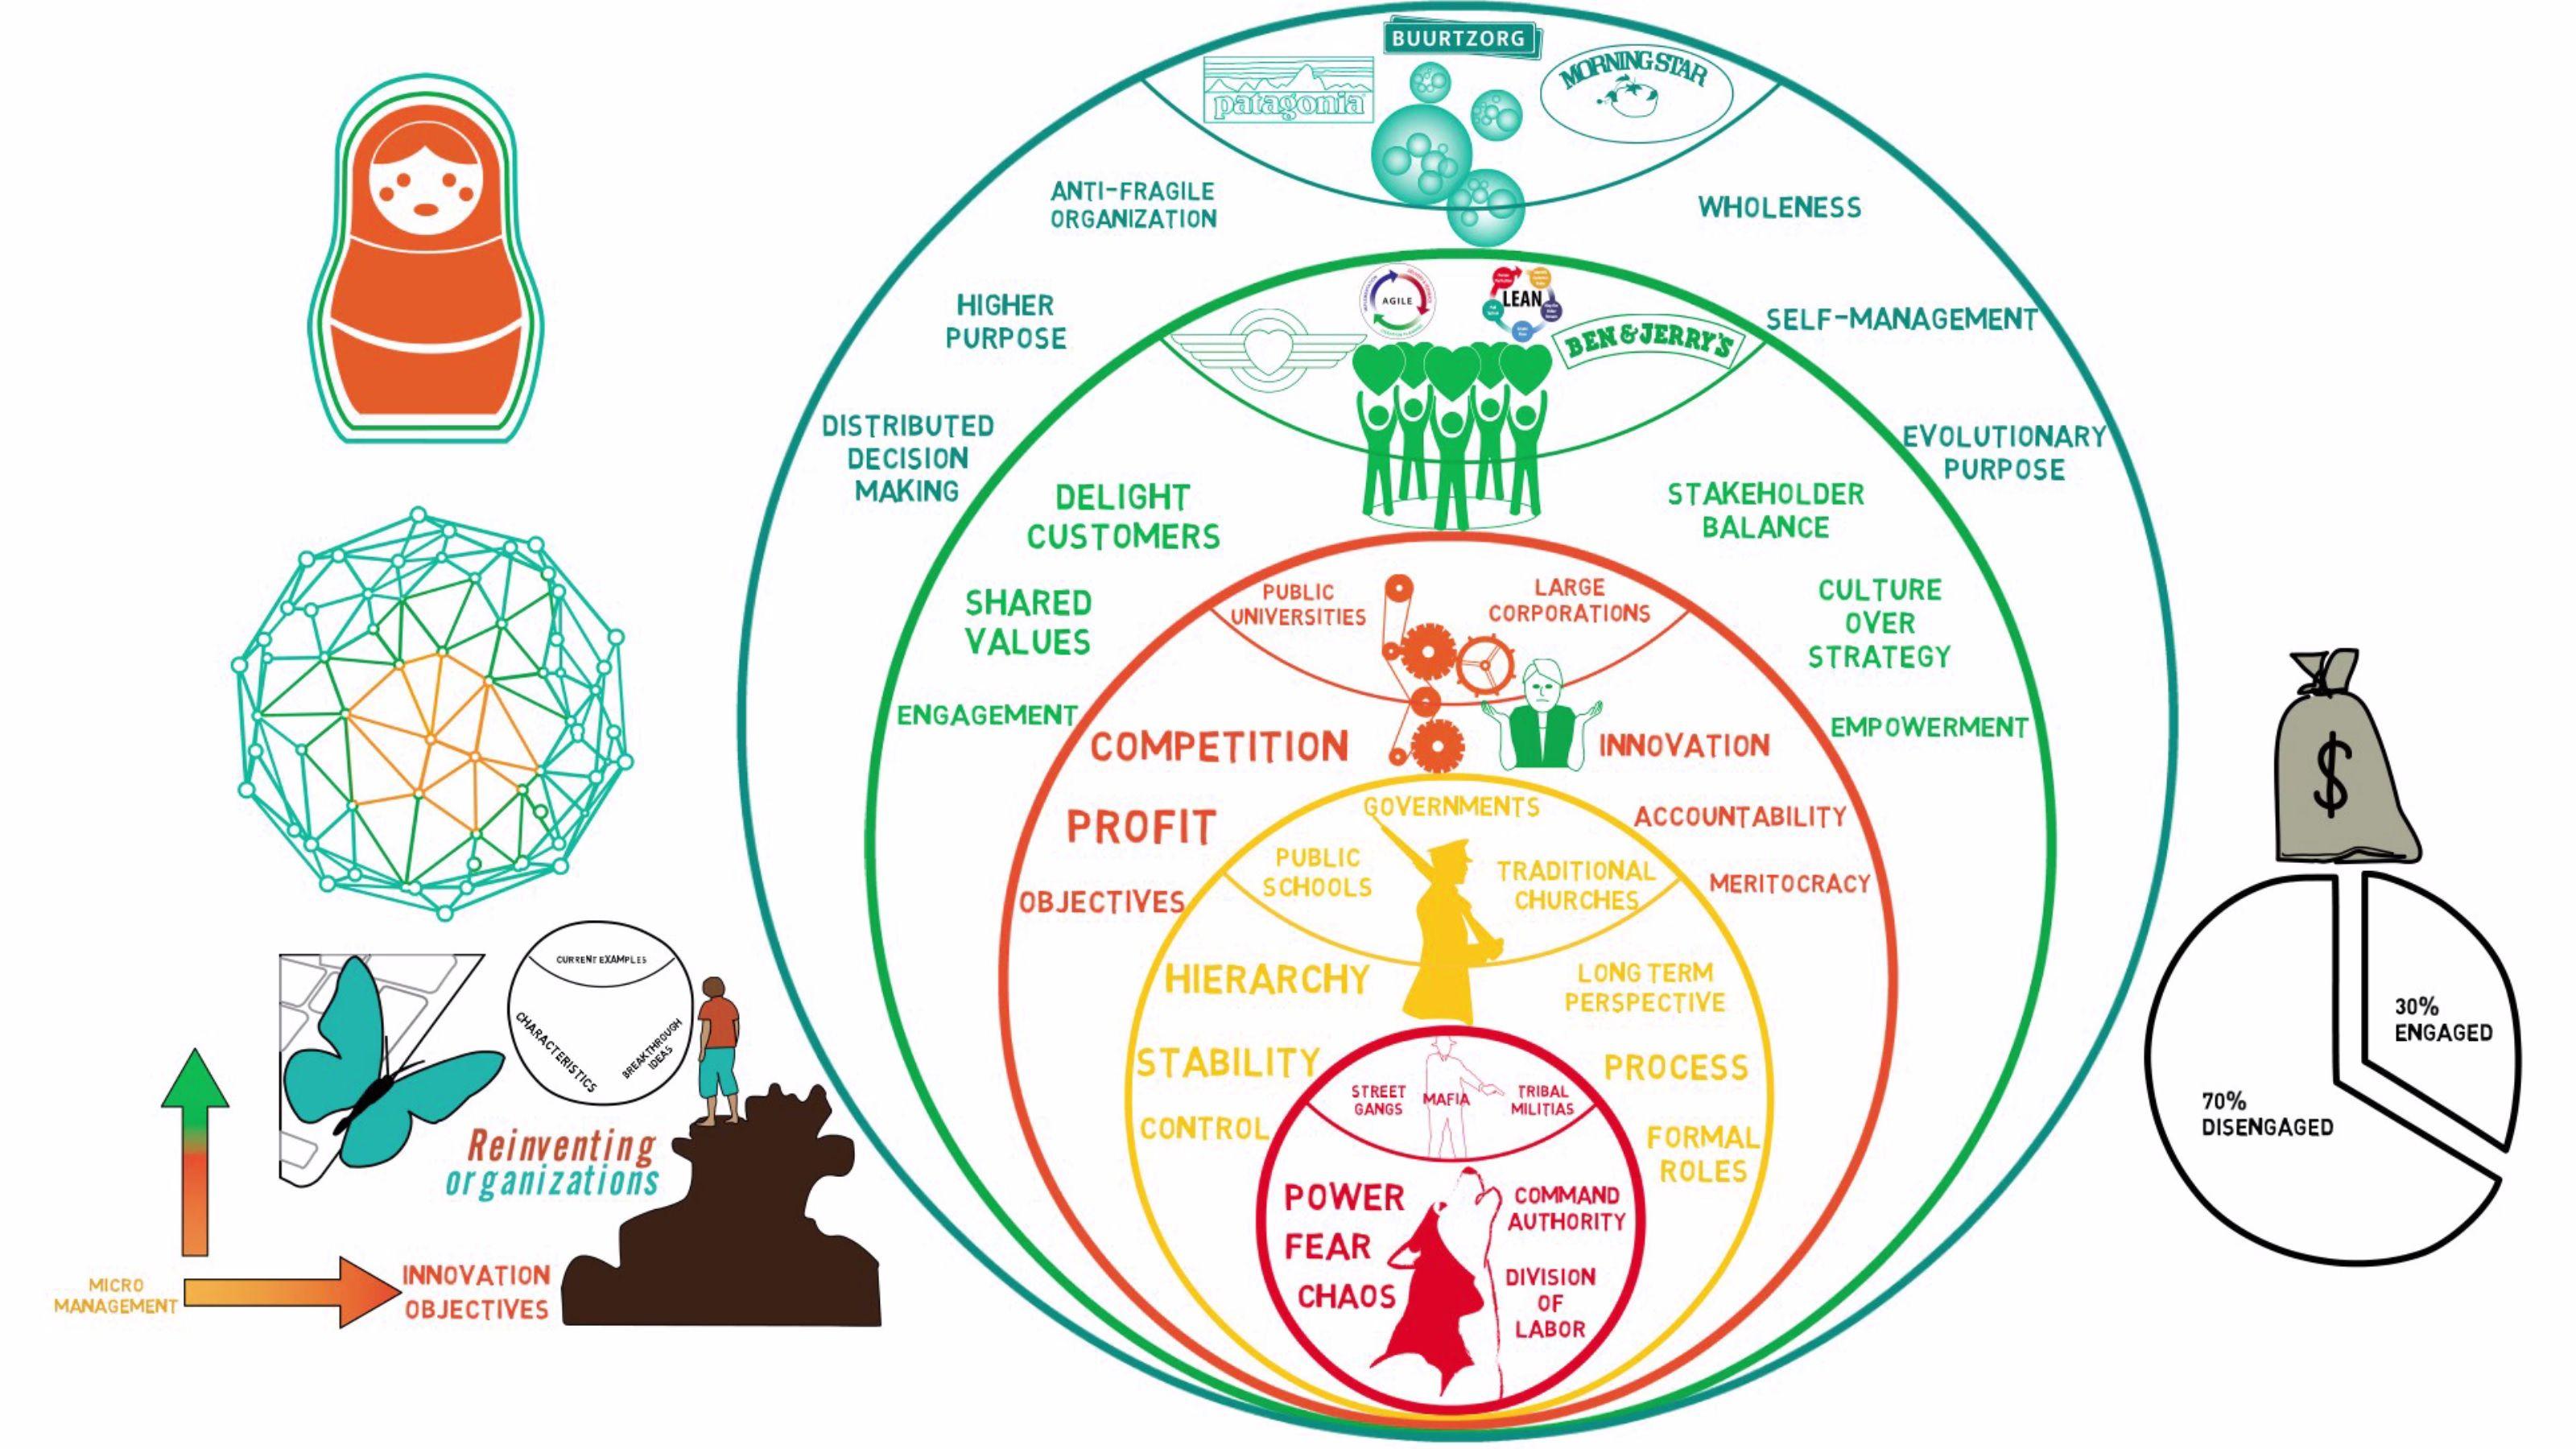 Organization Collective Intelligence Reinvent